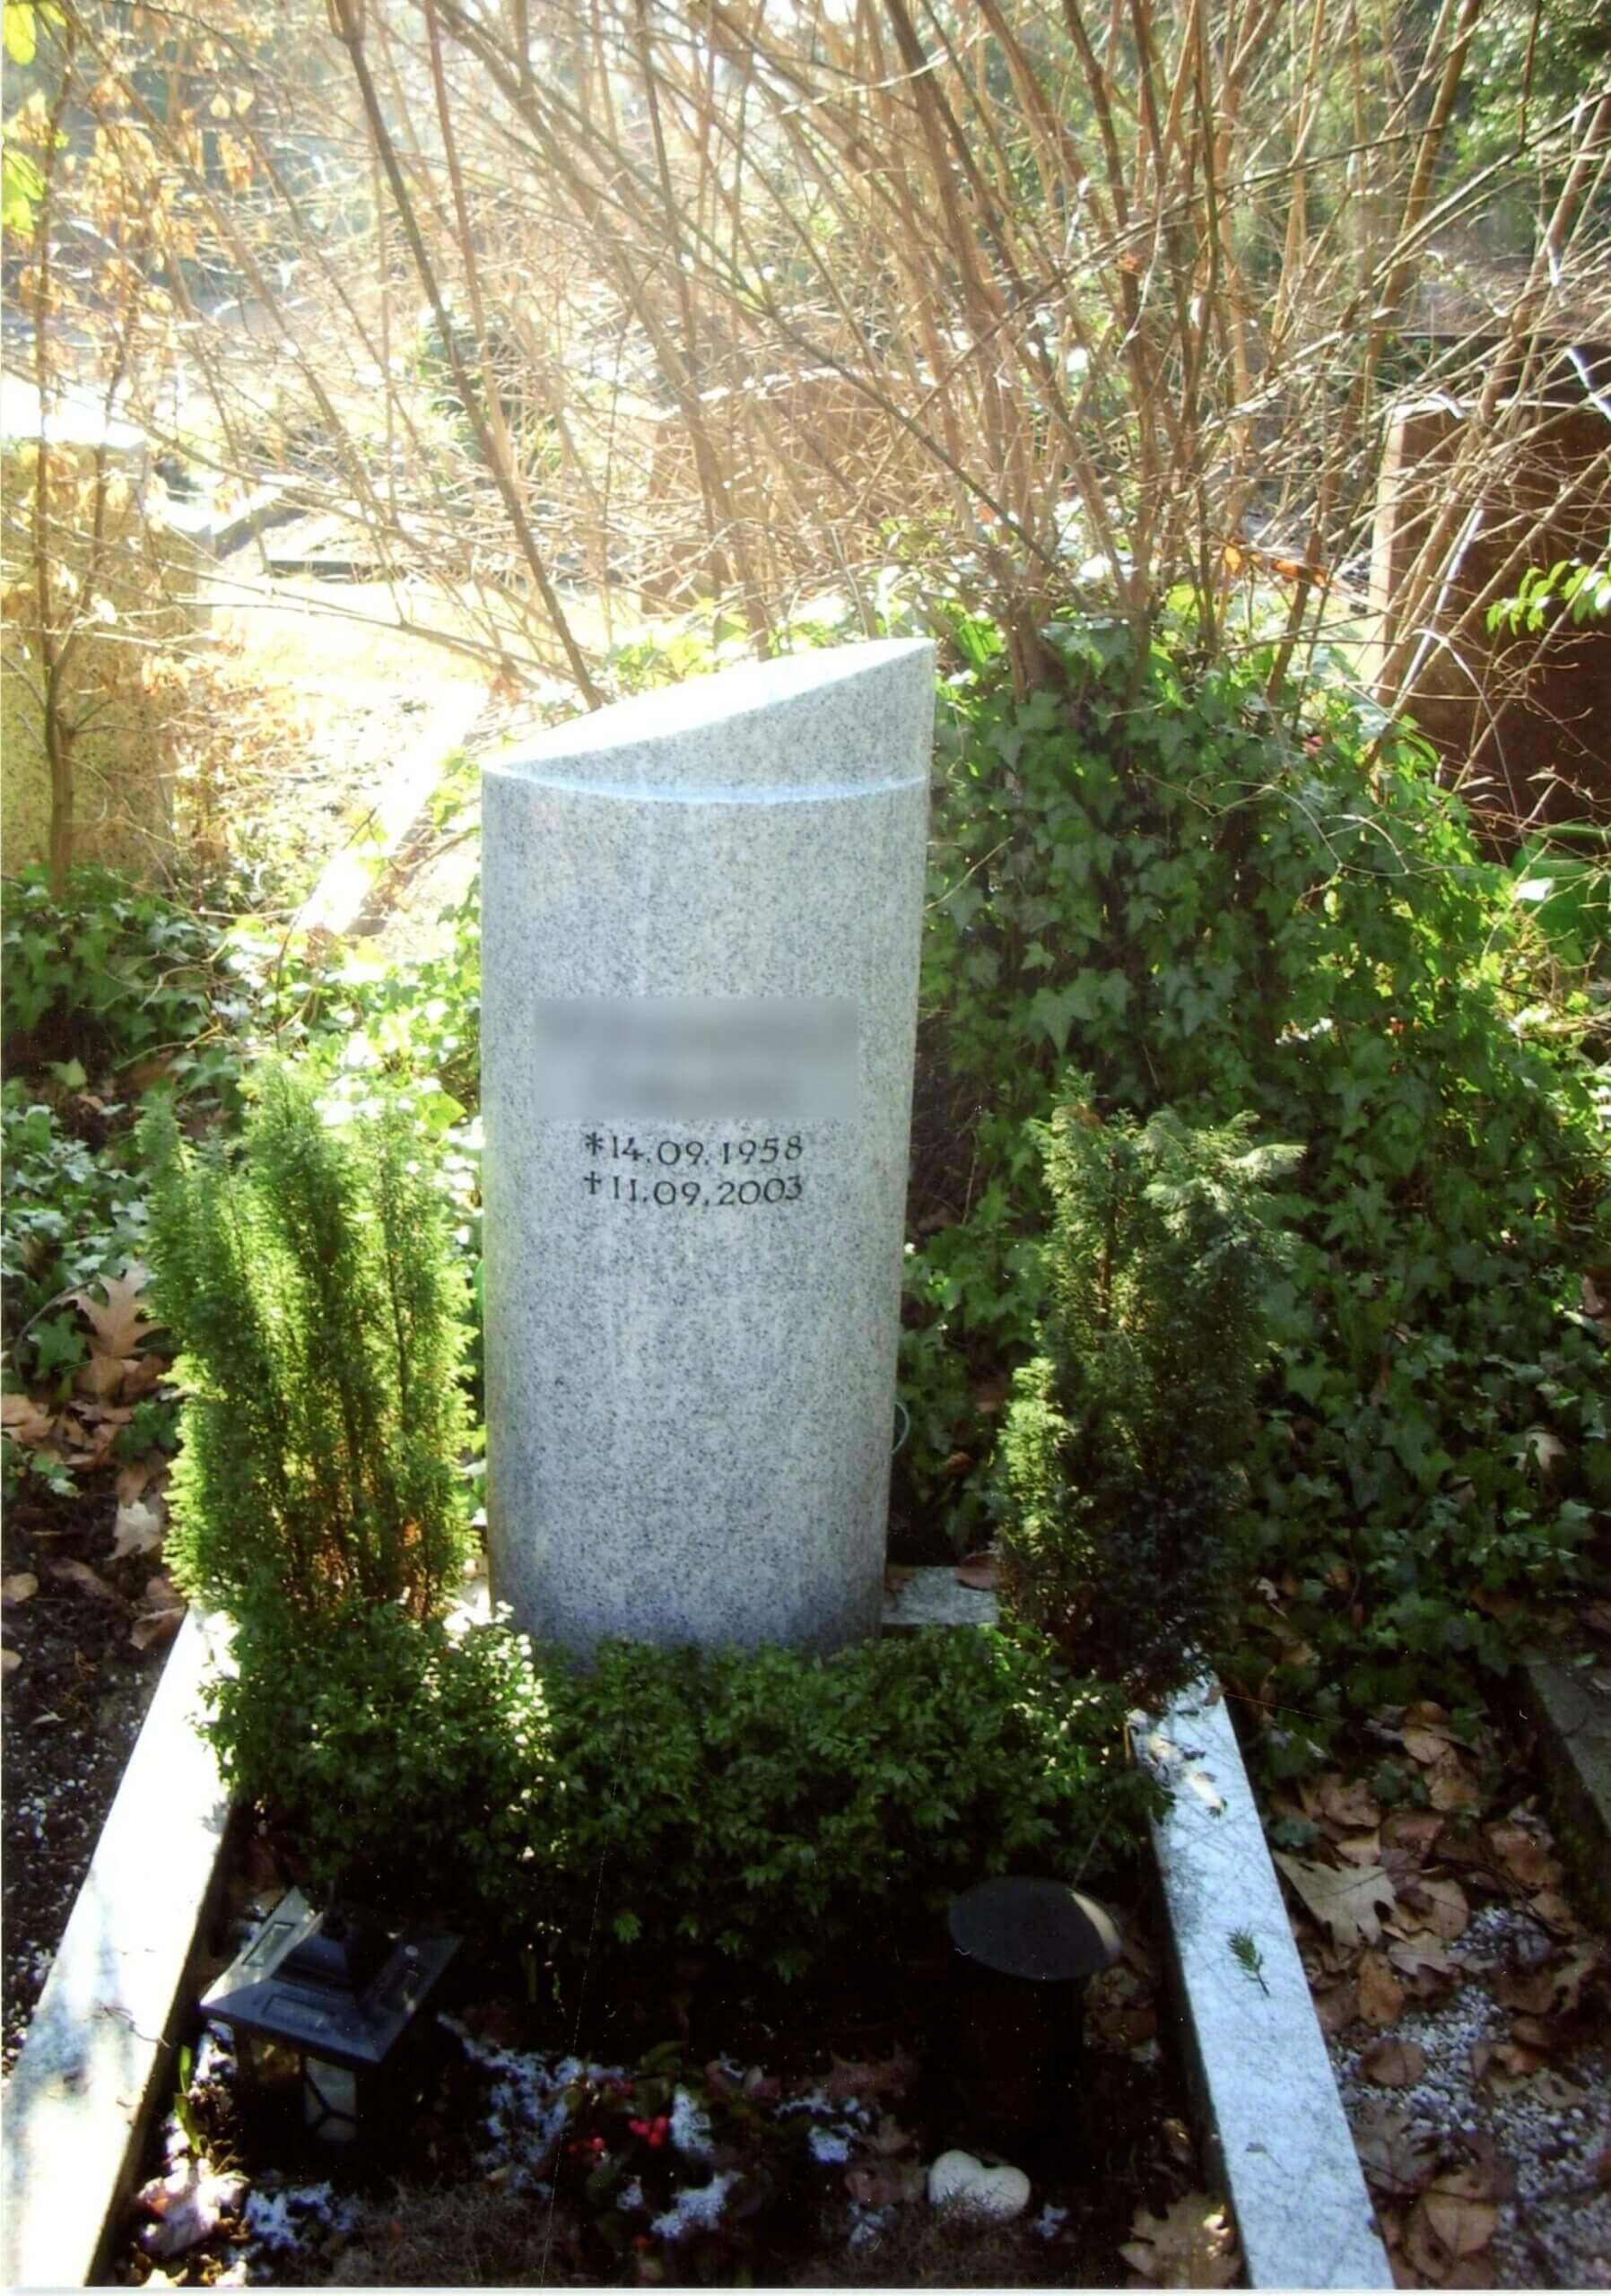 Grauer Grabstein umgeben von grün